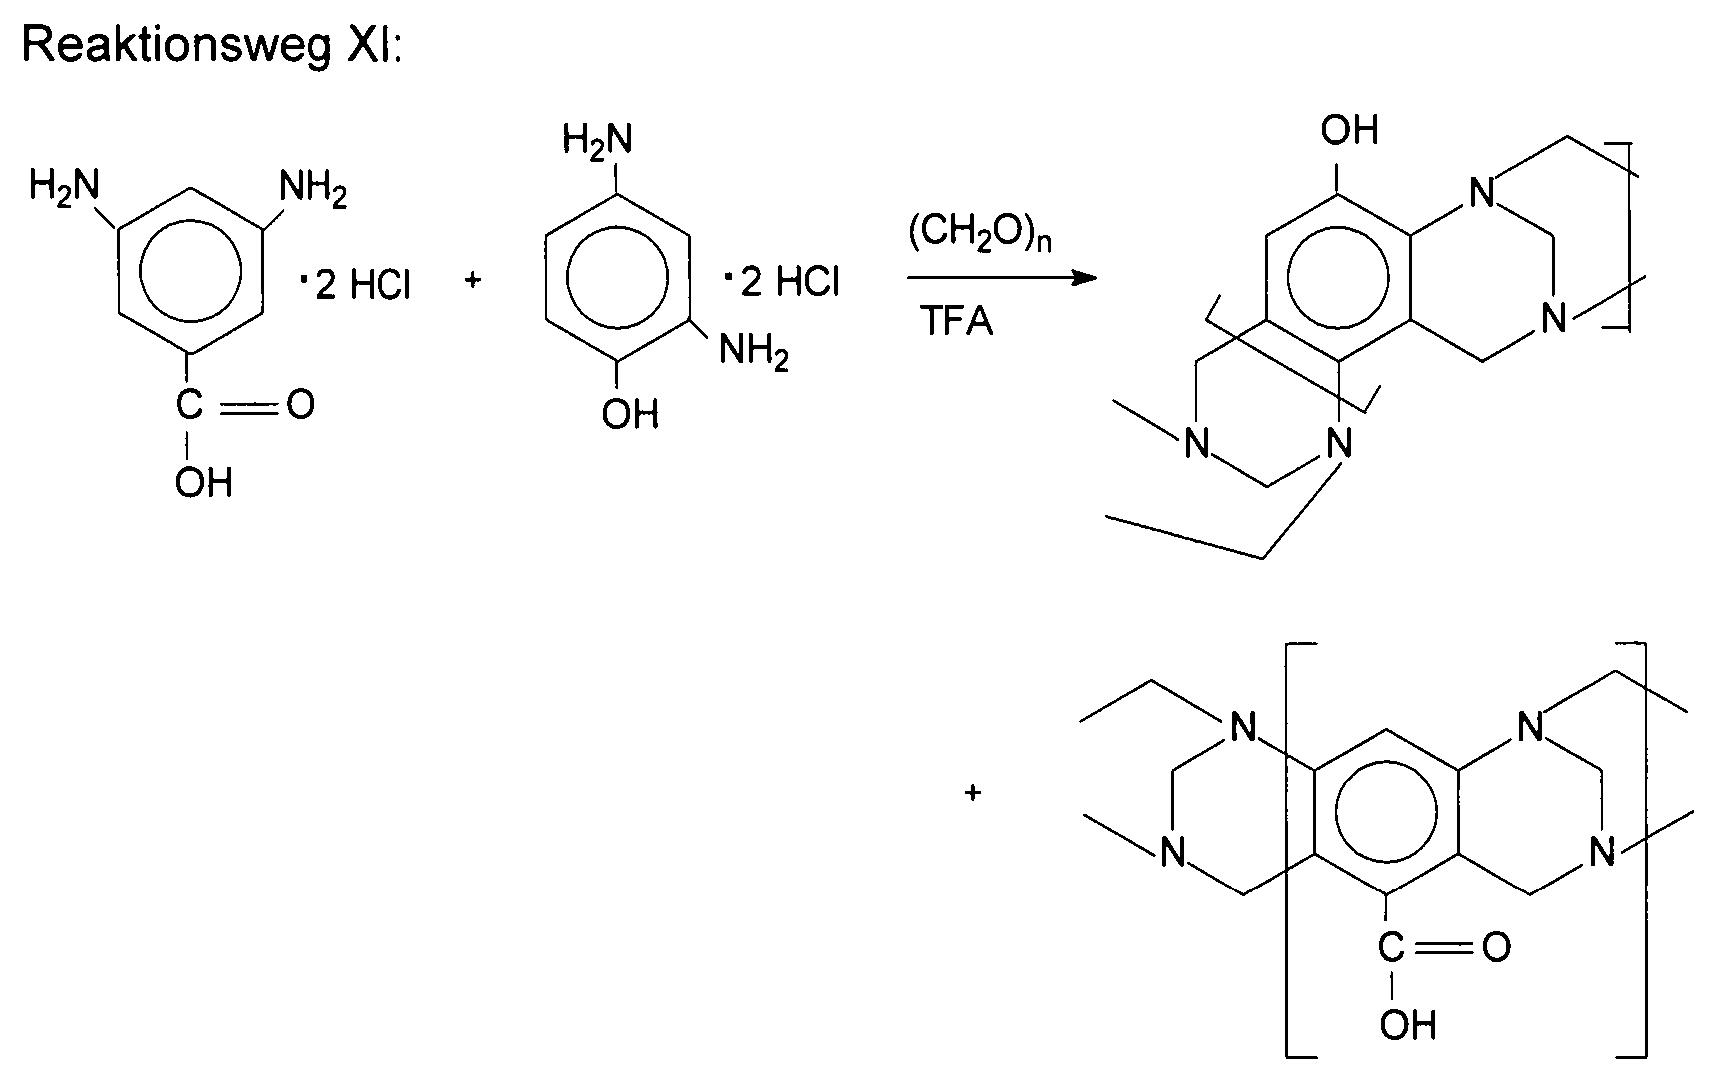 Figure DE112016005378T5_0027